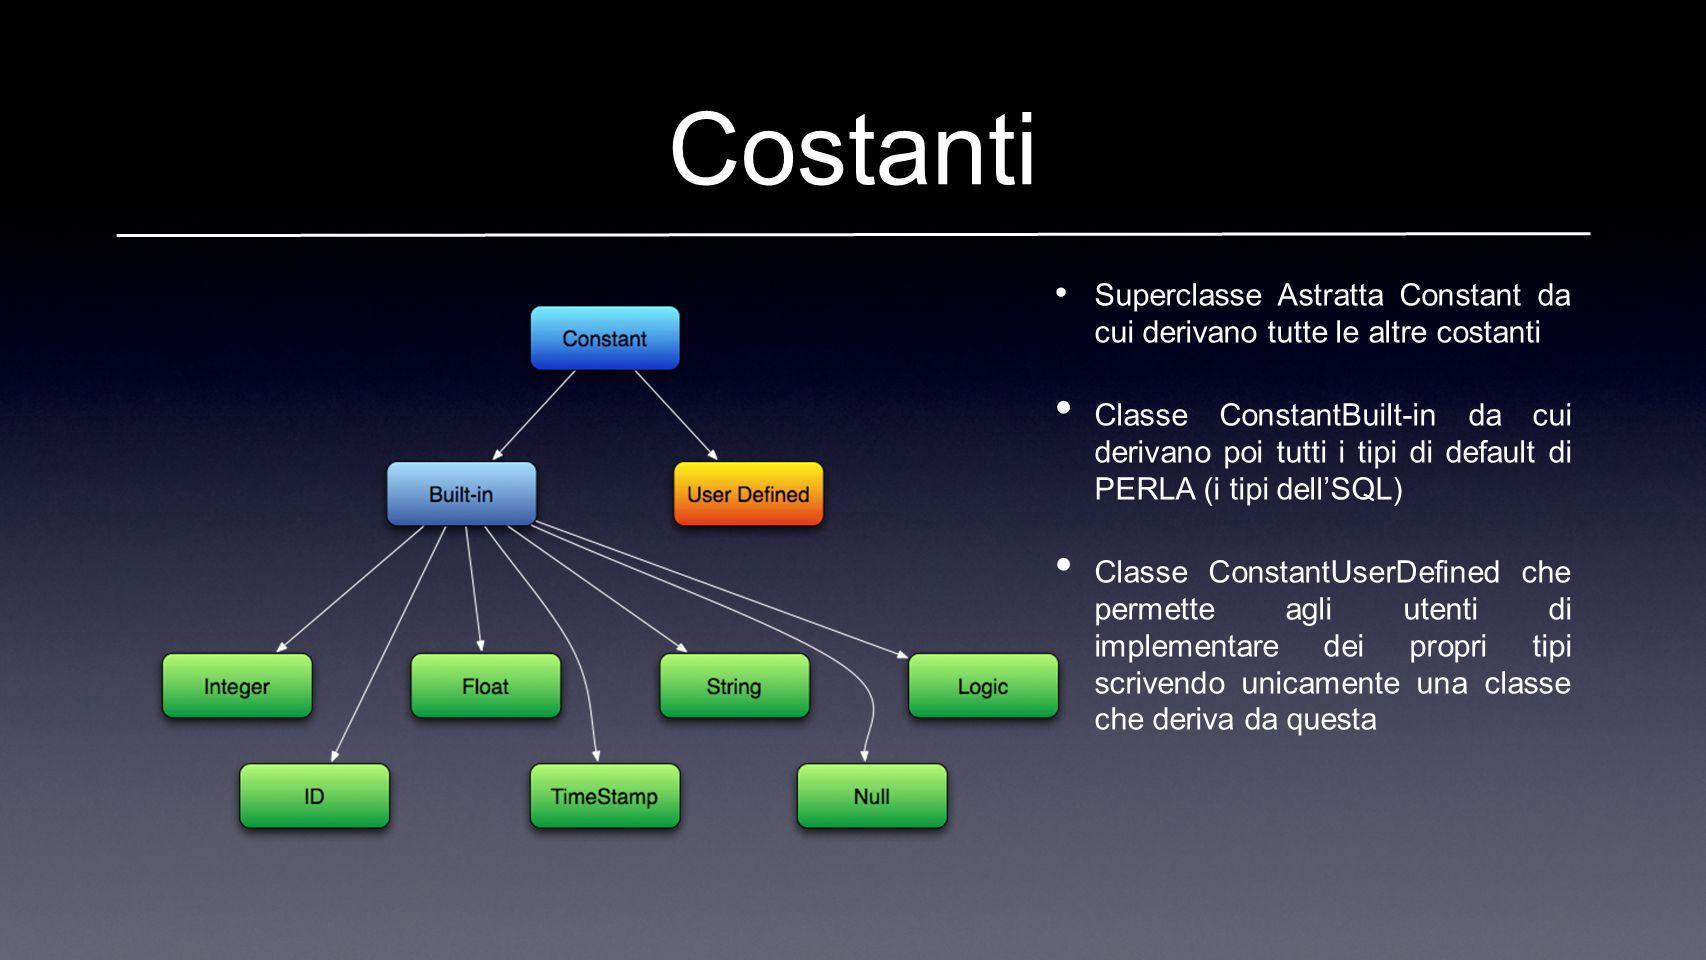 Costanti Superclasse Astratta Constant da cui derivano tutte le altre costanti Classe ConstantBuilt-in da cui derivano poi tutti i tipi di default di PERLA (i tipi dellSQL) Classe ConstantUserDefined che permette agli utenti di implementare dei propri tipi scrivendo unicamente una classe che deriva da questa